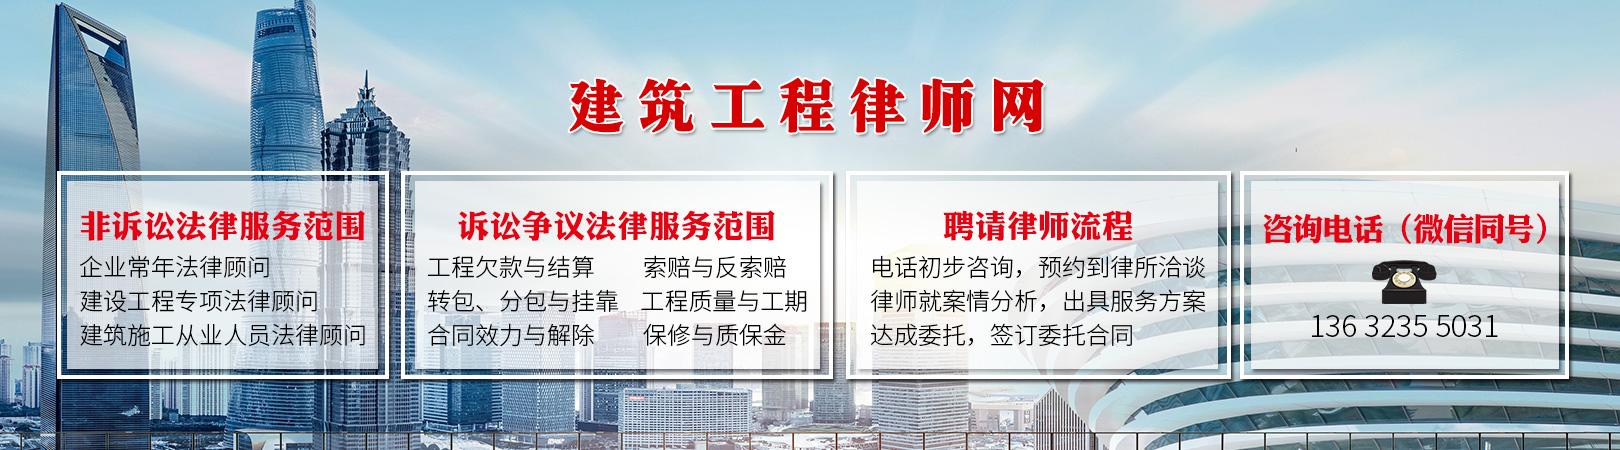 广州工程承包合同律师